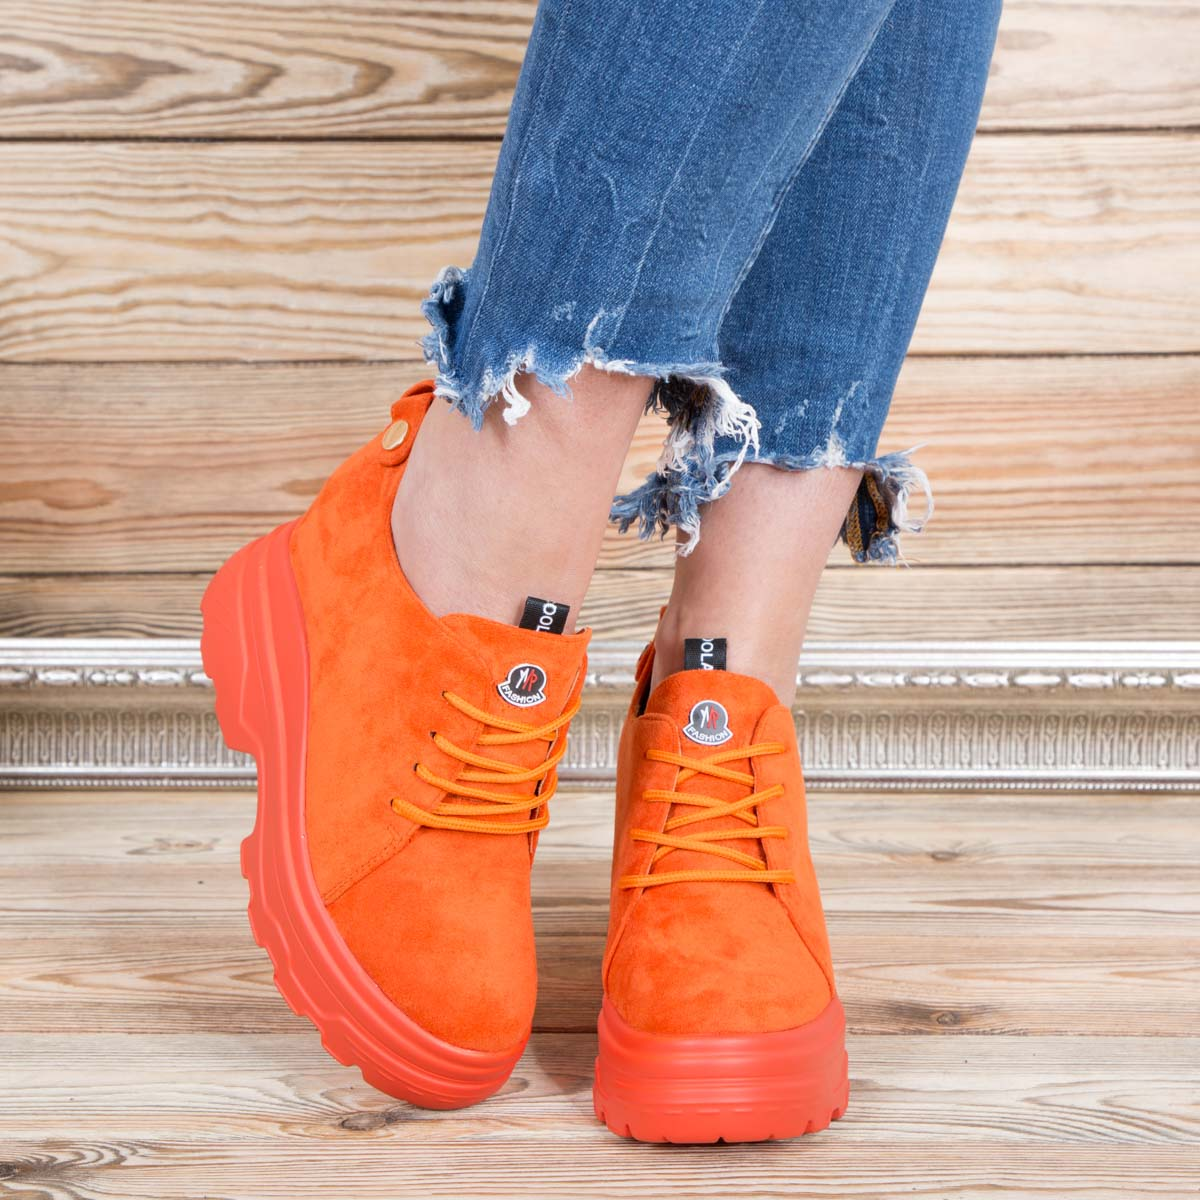 oranjevi-damski-kecove